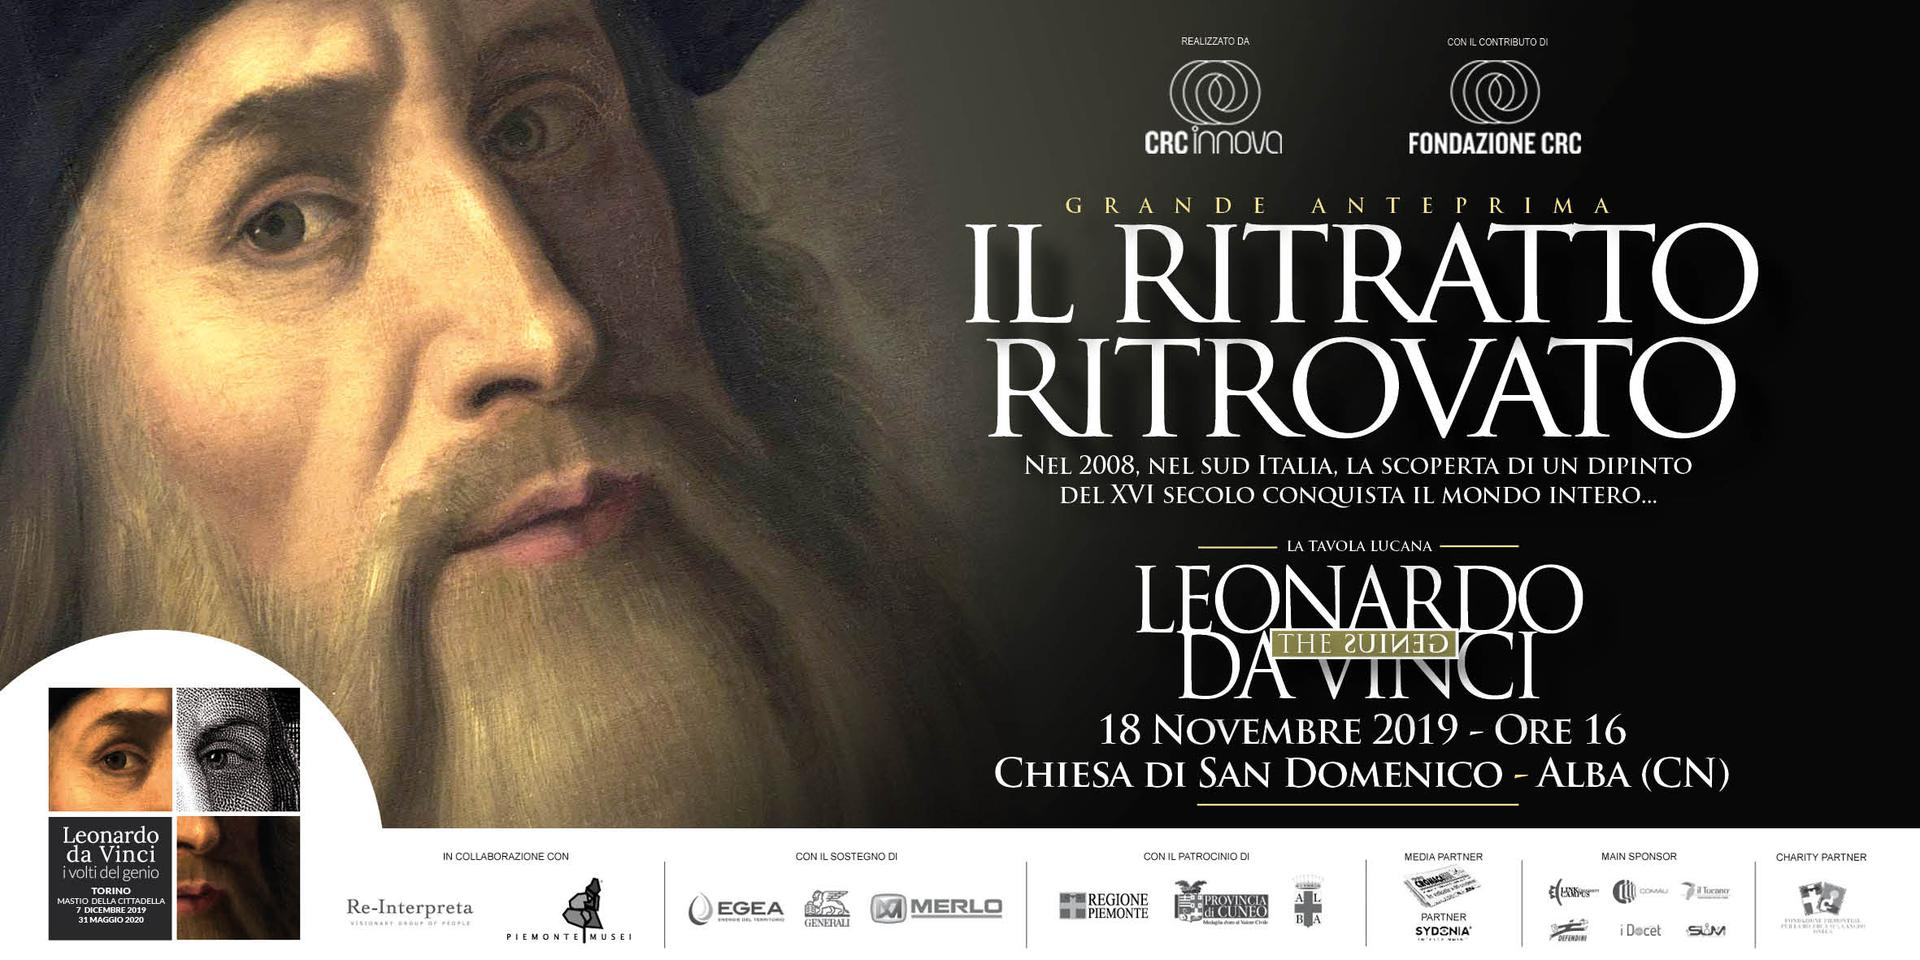 Invito Leonardo